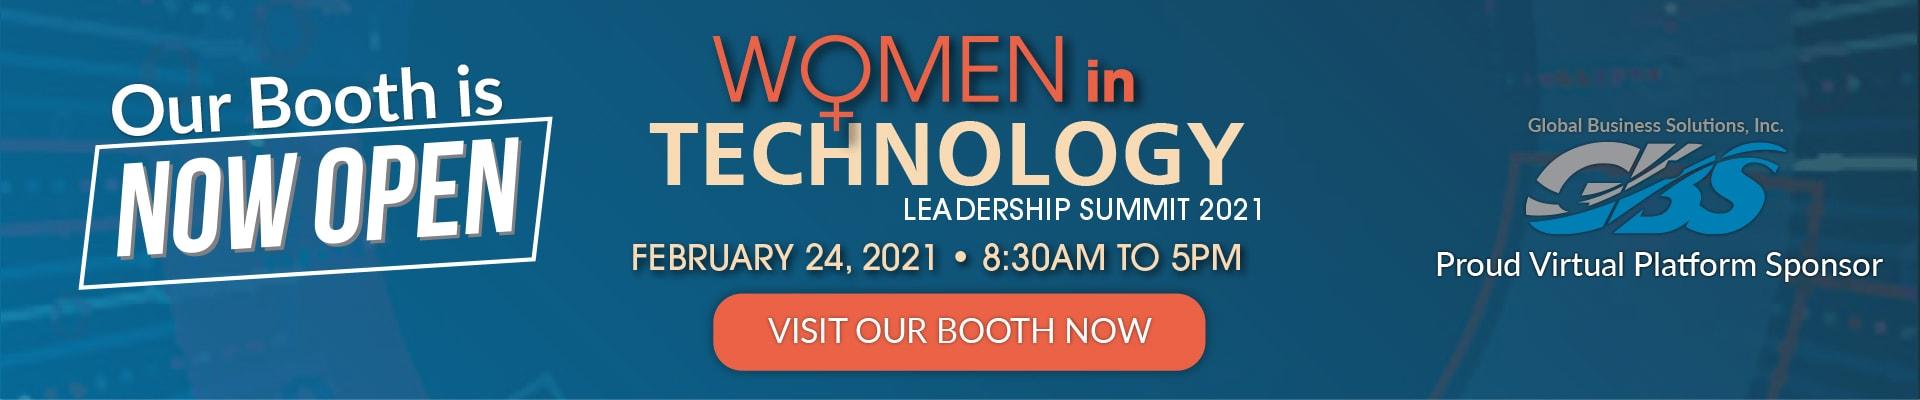 GBS Women in Tech Banner - Open